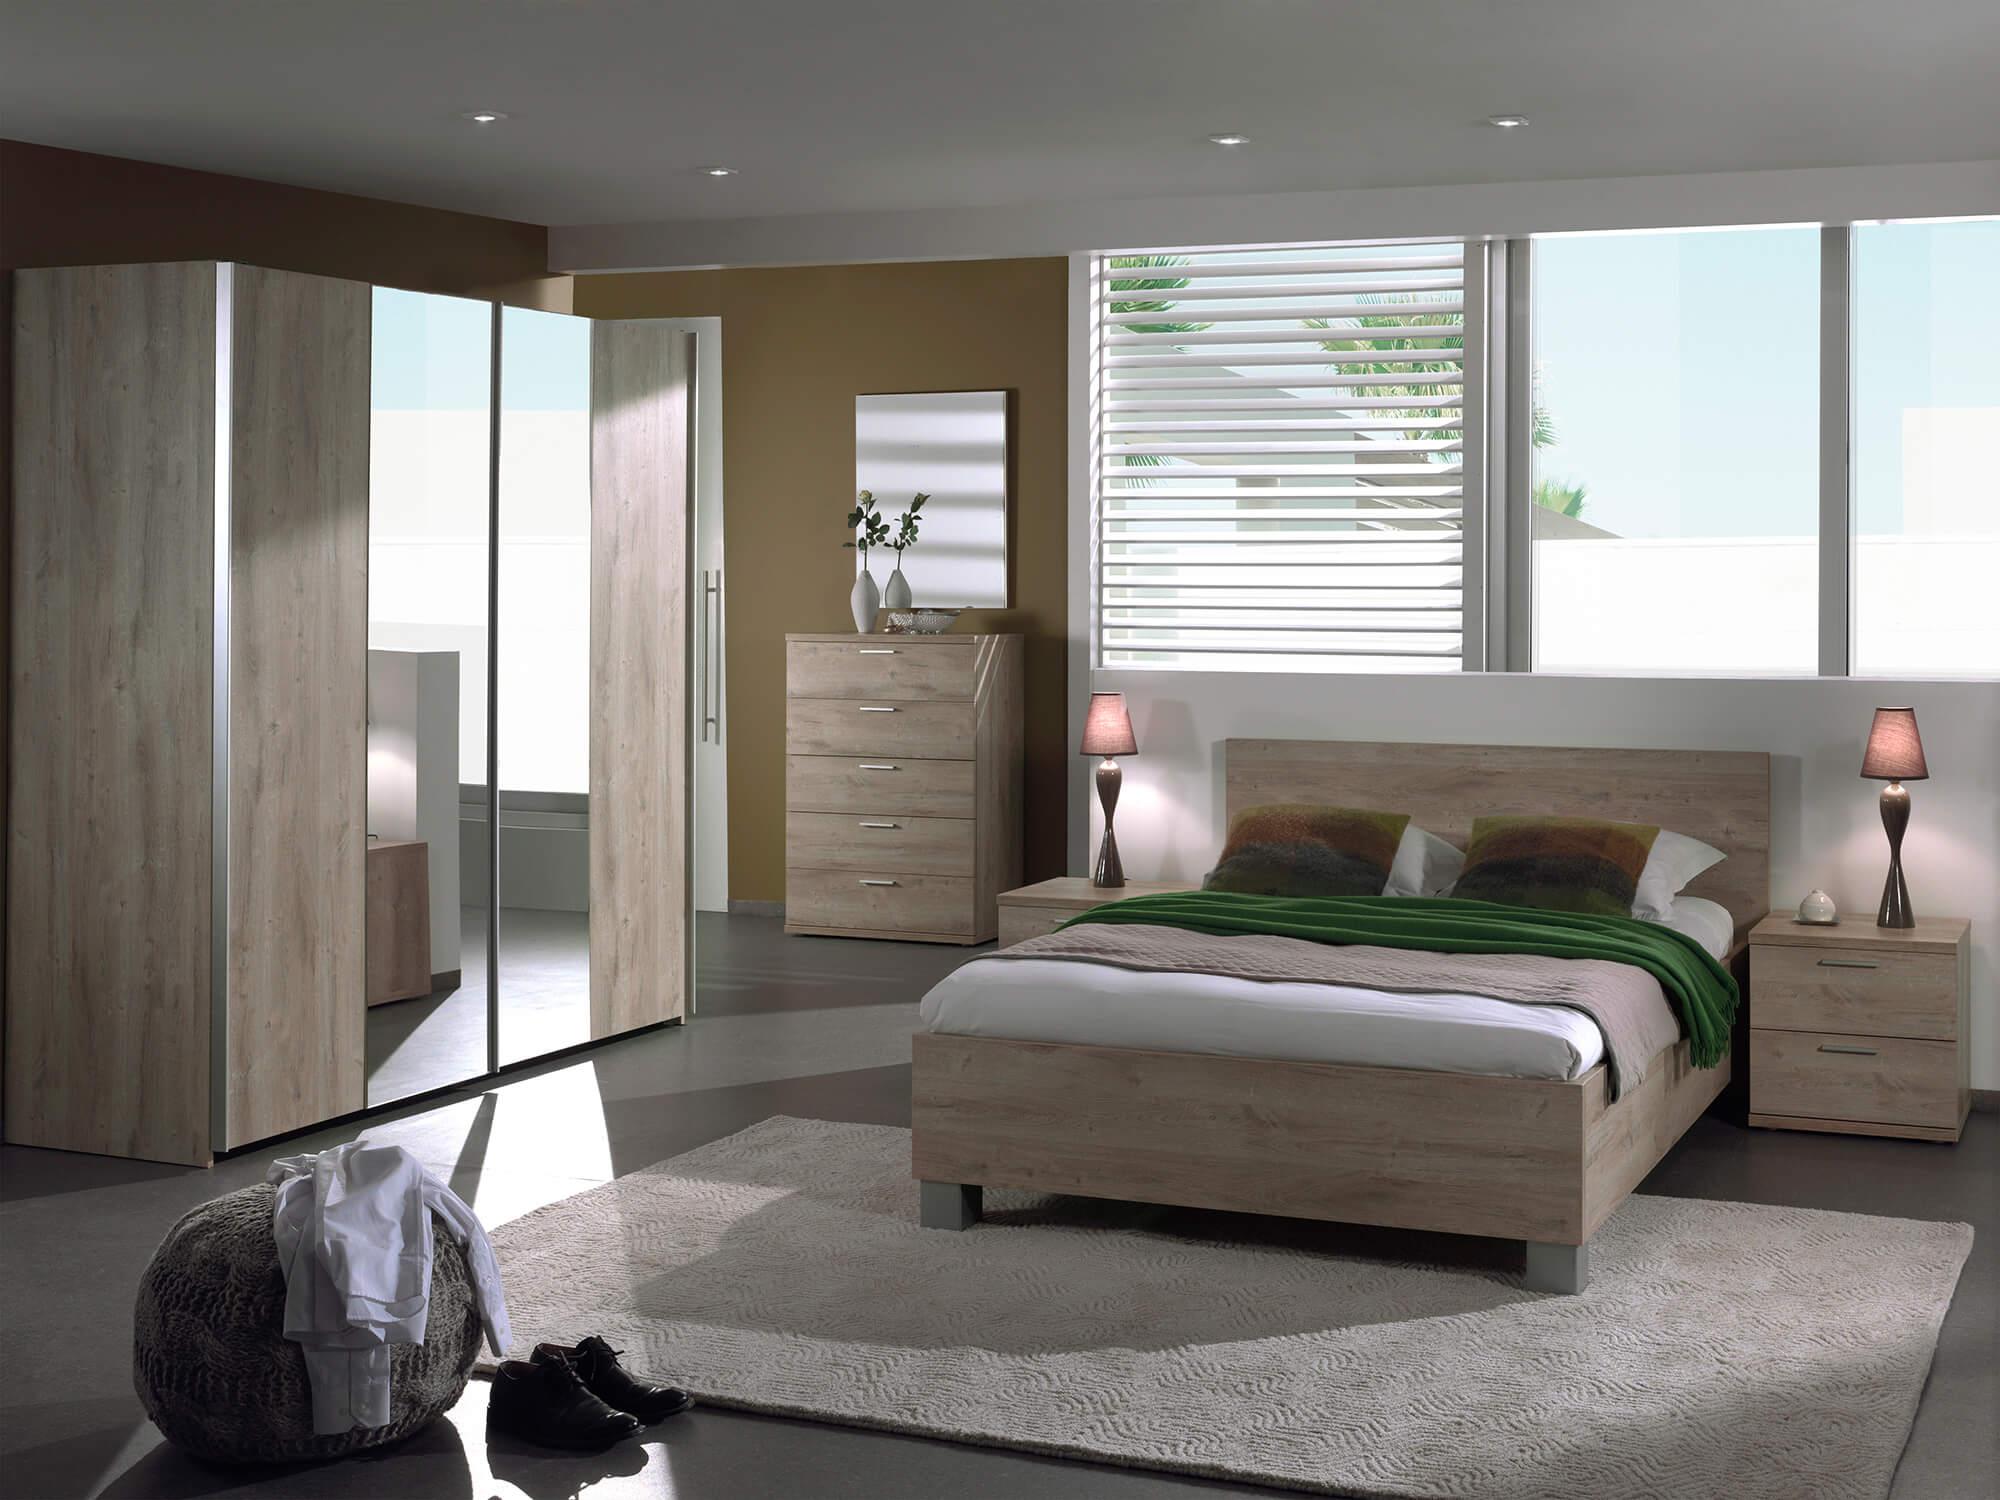 Slaapkamer Luna, bed 160x200 + 2 nachttafels + hoge kommode + kledingkast 250 cm